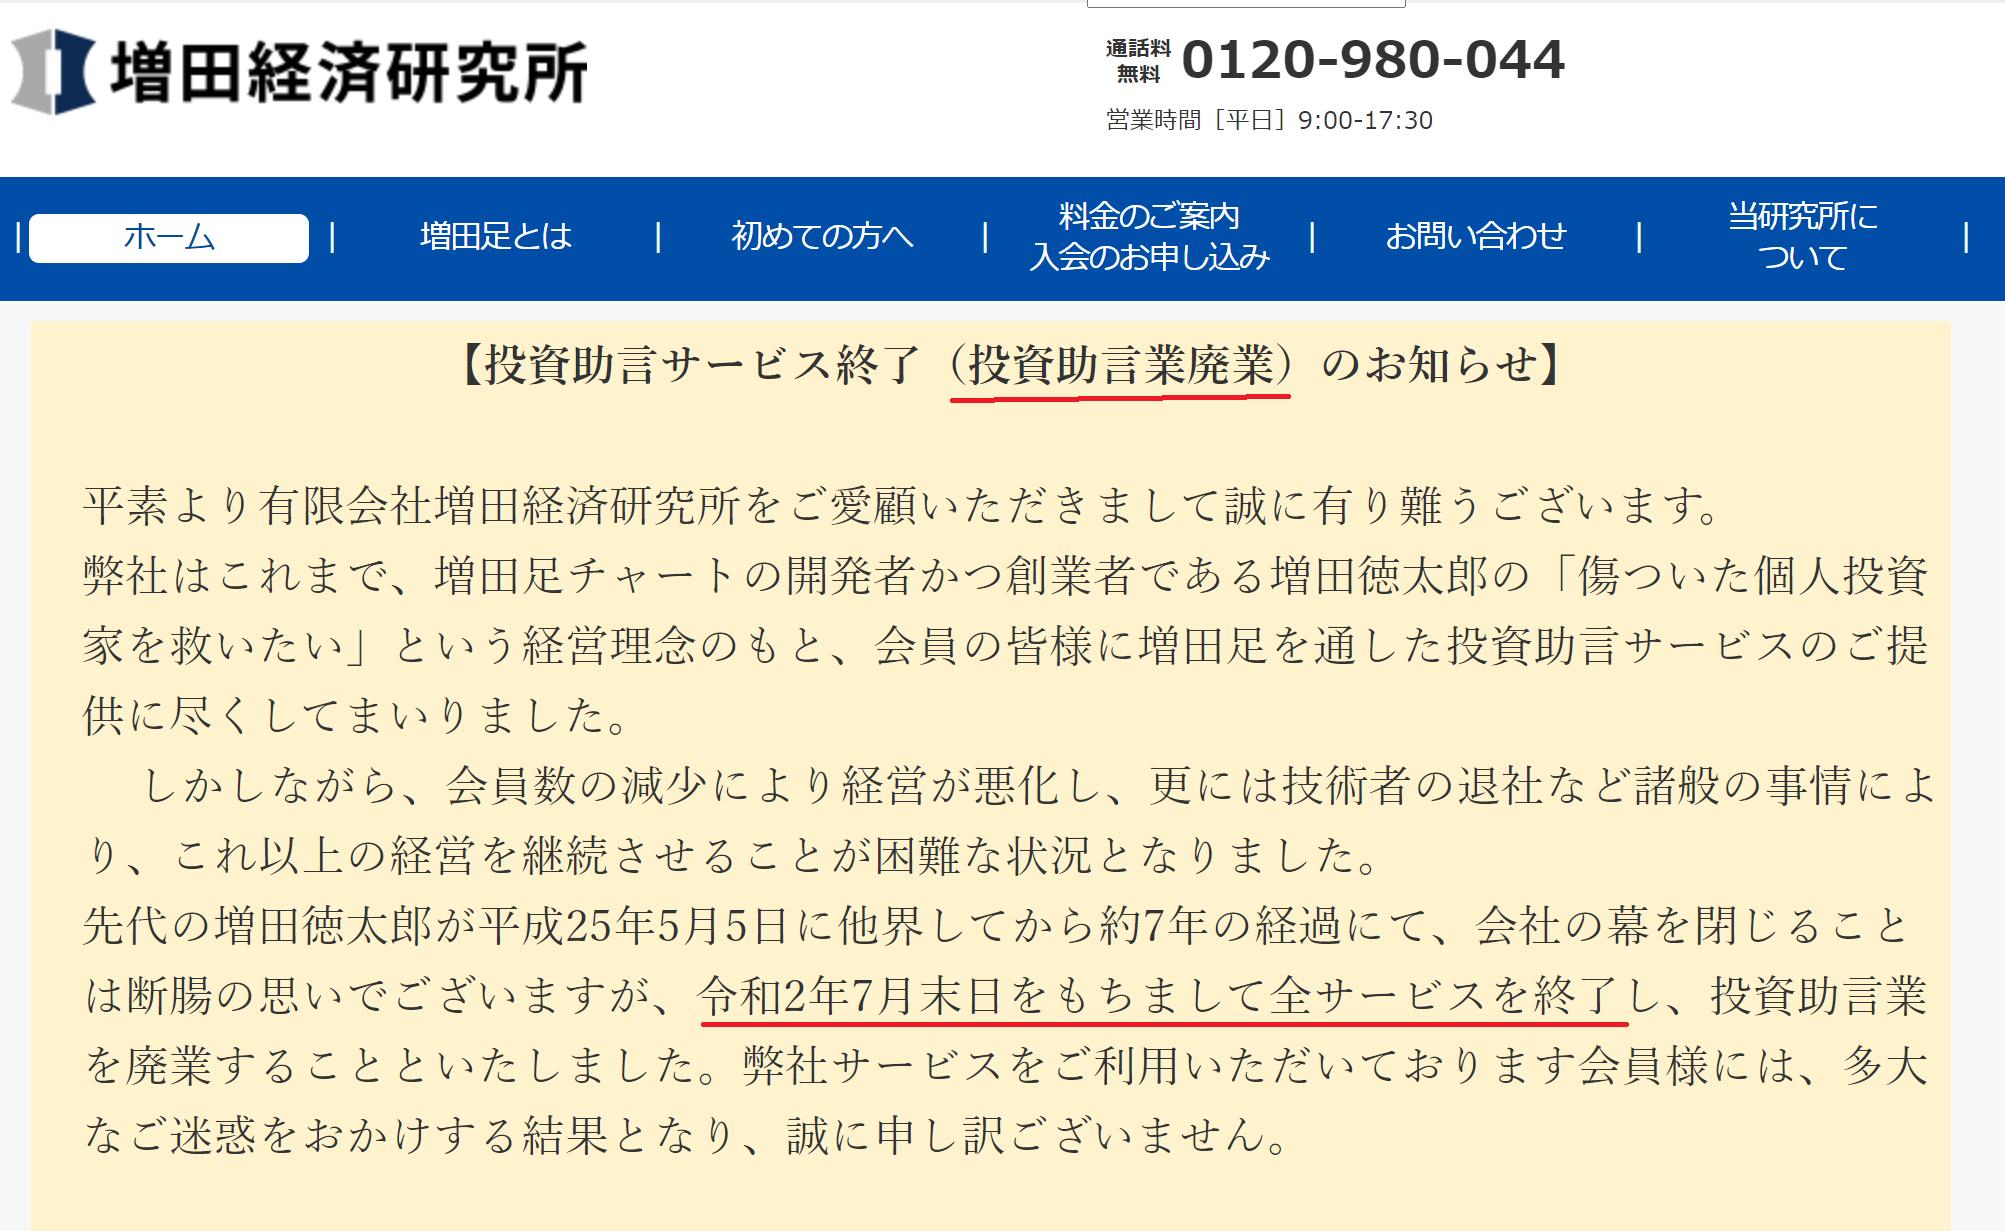 有限会社増田経済研究所が廃業